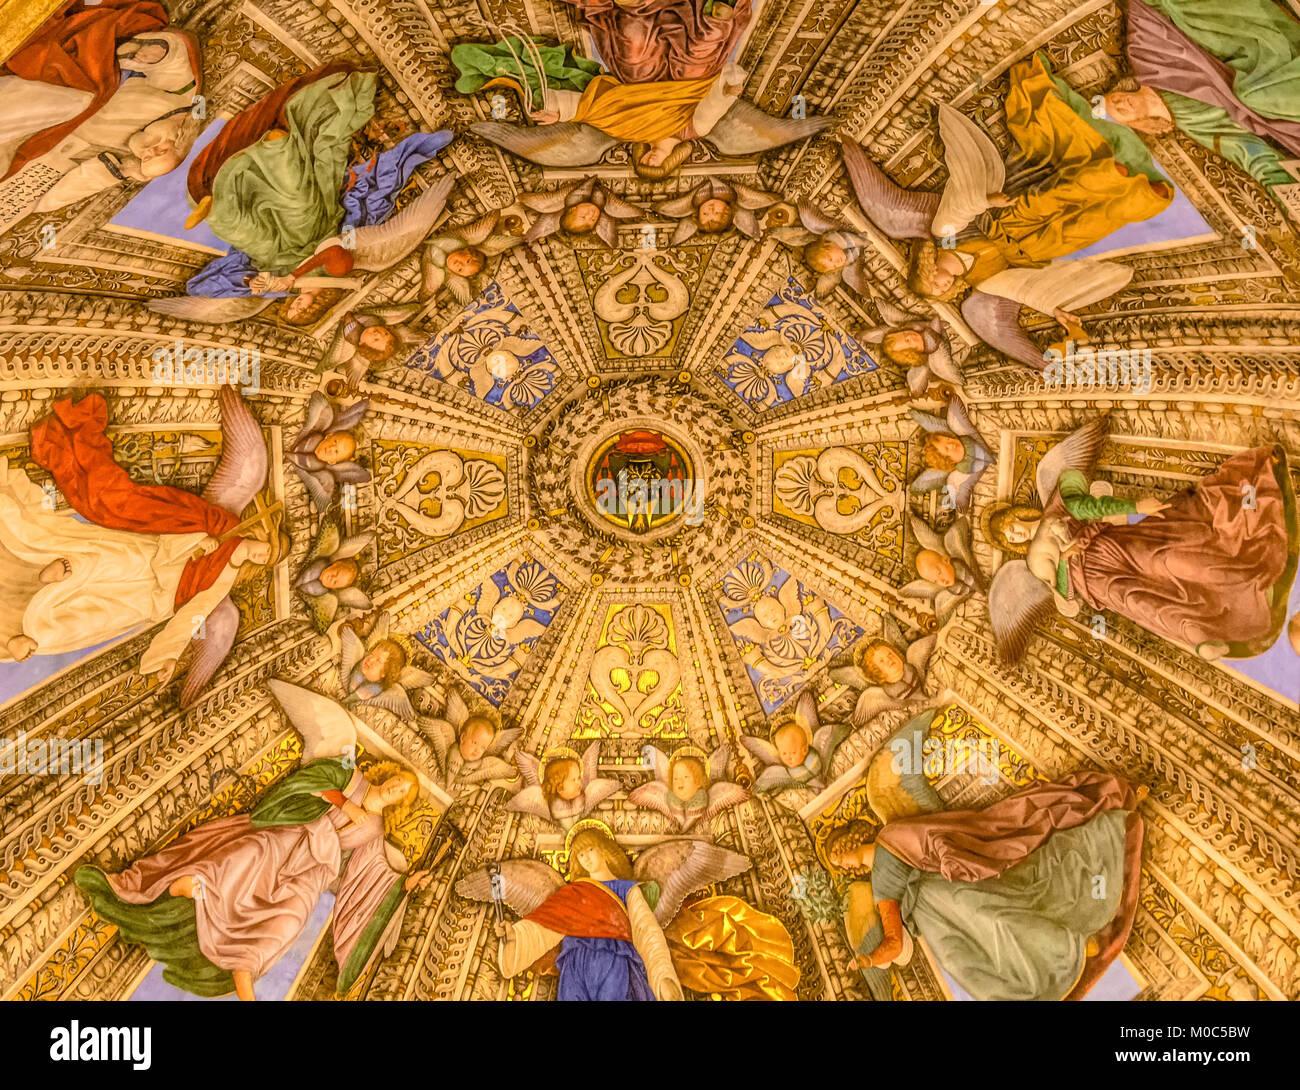 LORETO,Italy - juli 16, 2016: Interior of Basilica of Santa Casa, the Shrine of the Holy House of Virgin Mary. The - Stock Image